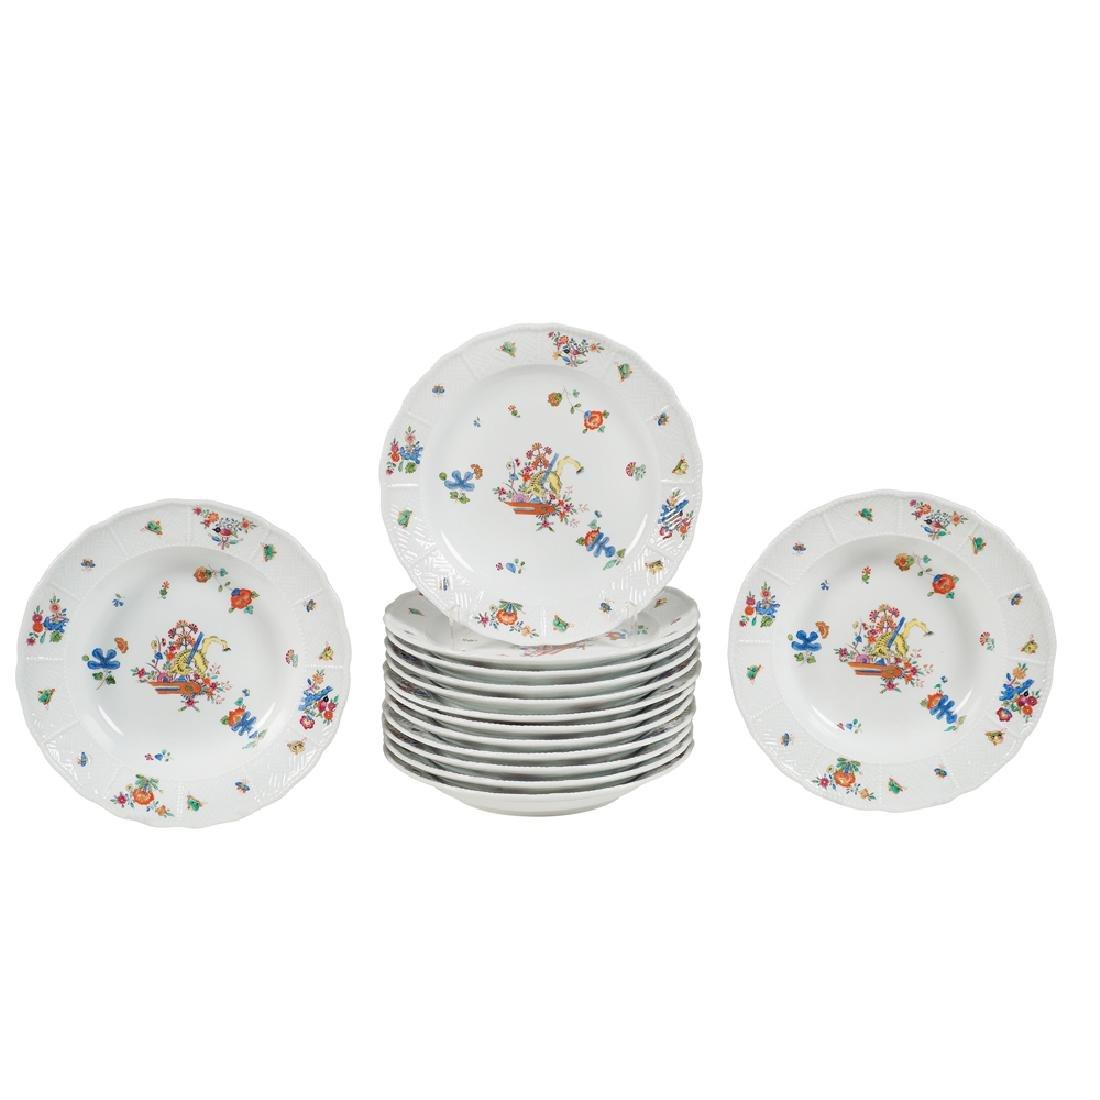 Meissen 14 porcelain plates 20th century d. 23 5 cm.